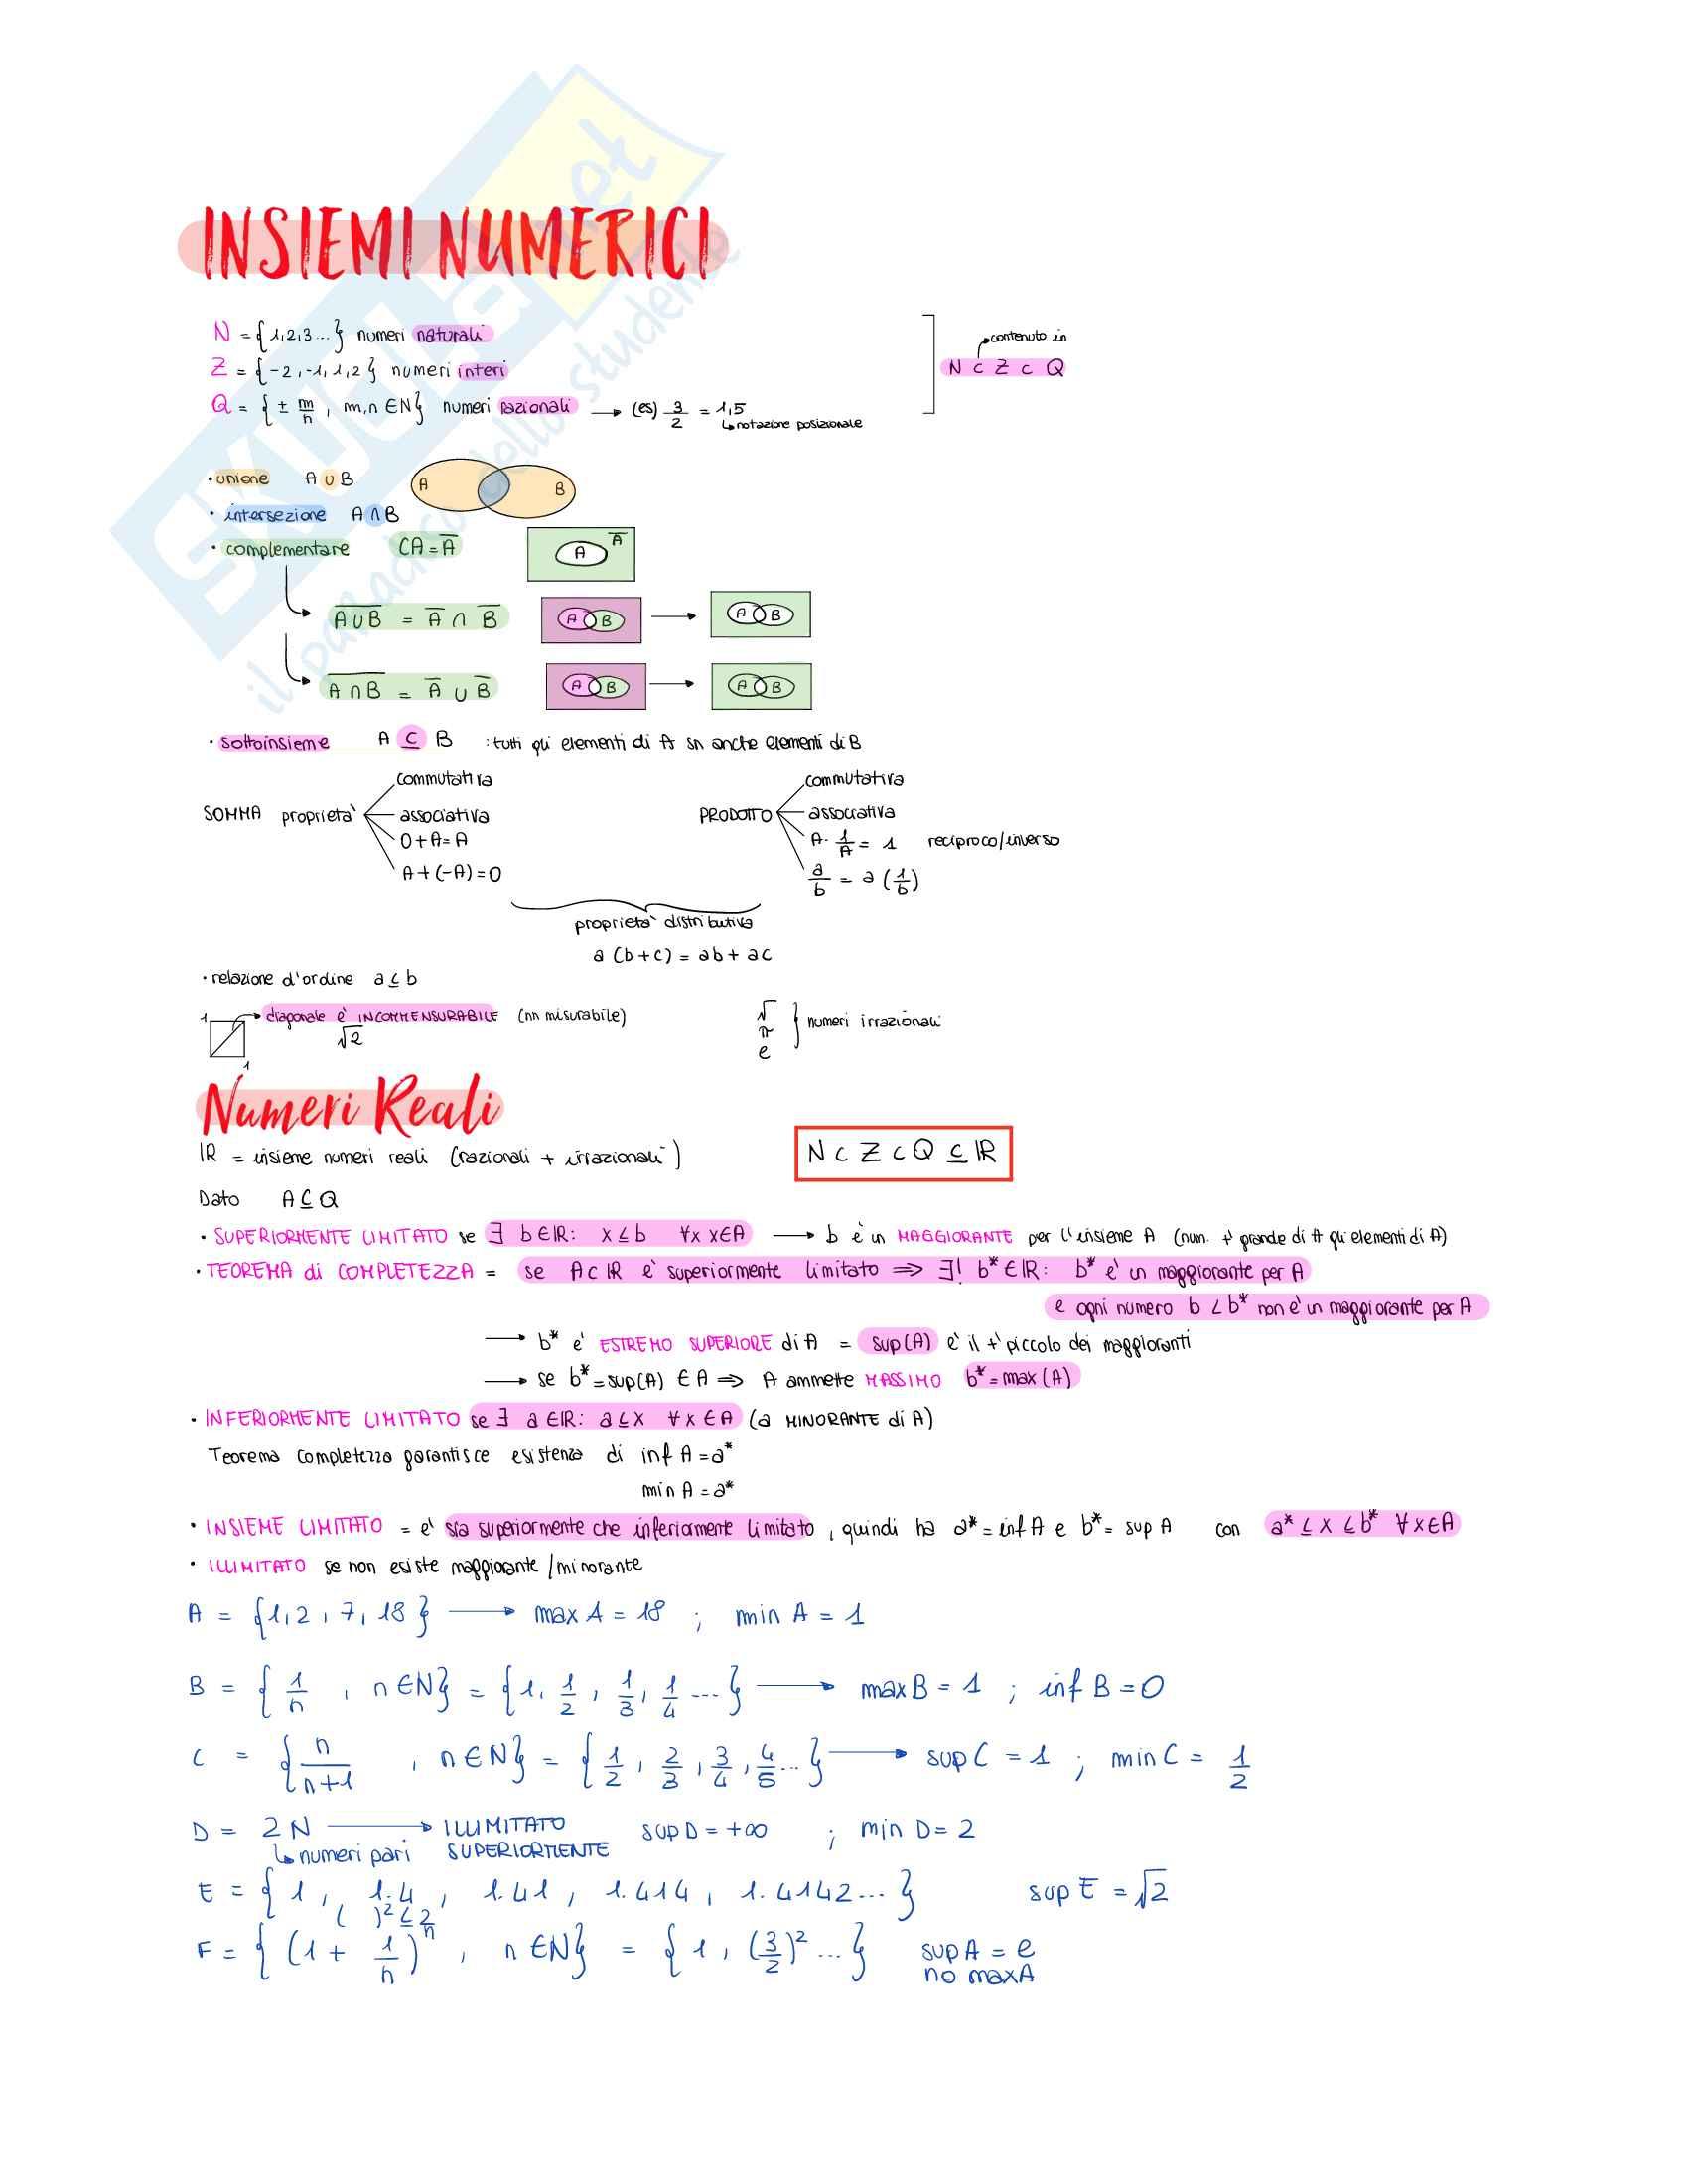 Matematica - Insiemi, Limiti, Derivate, Integrali, Equazioni differenziali, Vettori e Matrici